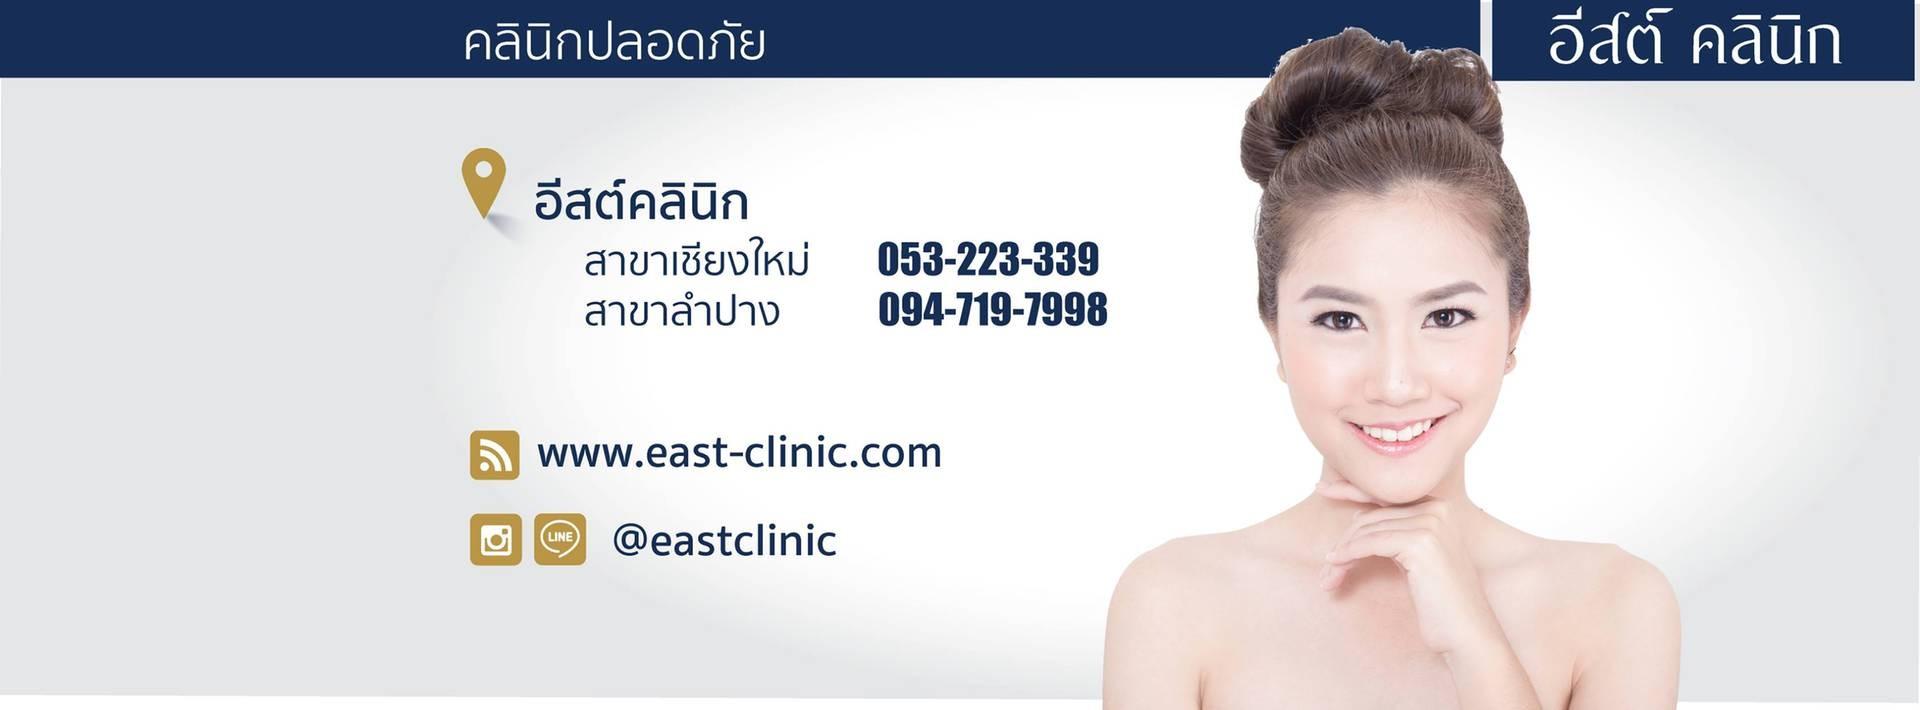 อีสต์ คลินิก - East Clinic เชียงใหม่ คลองชลประทาน